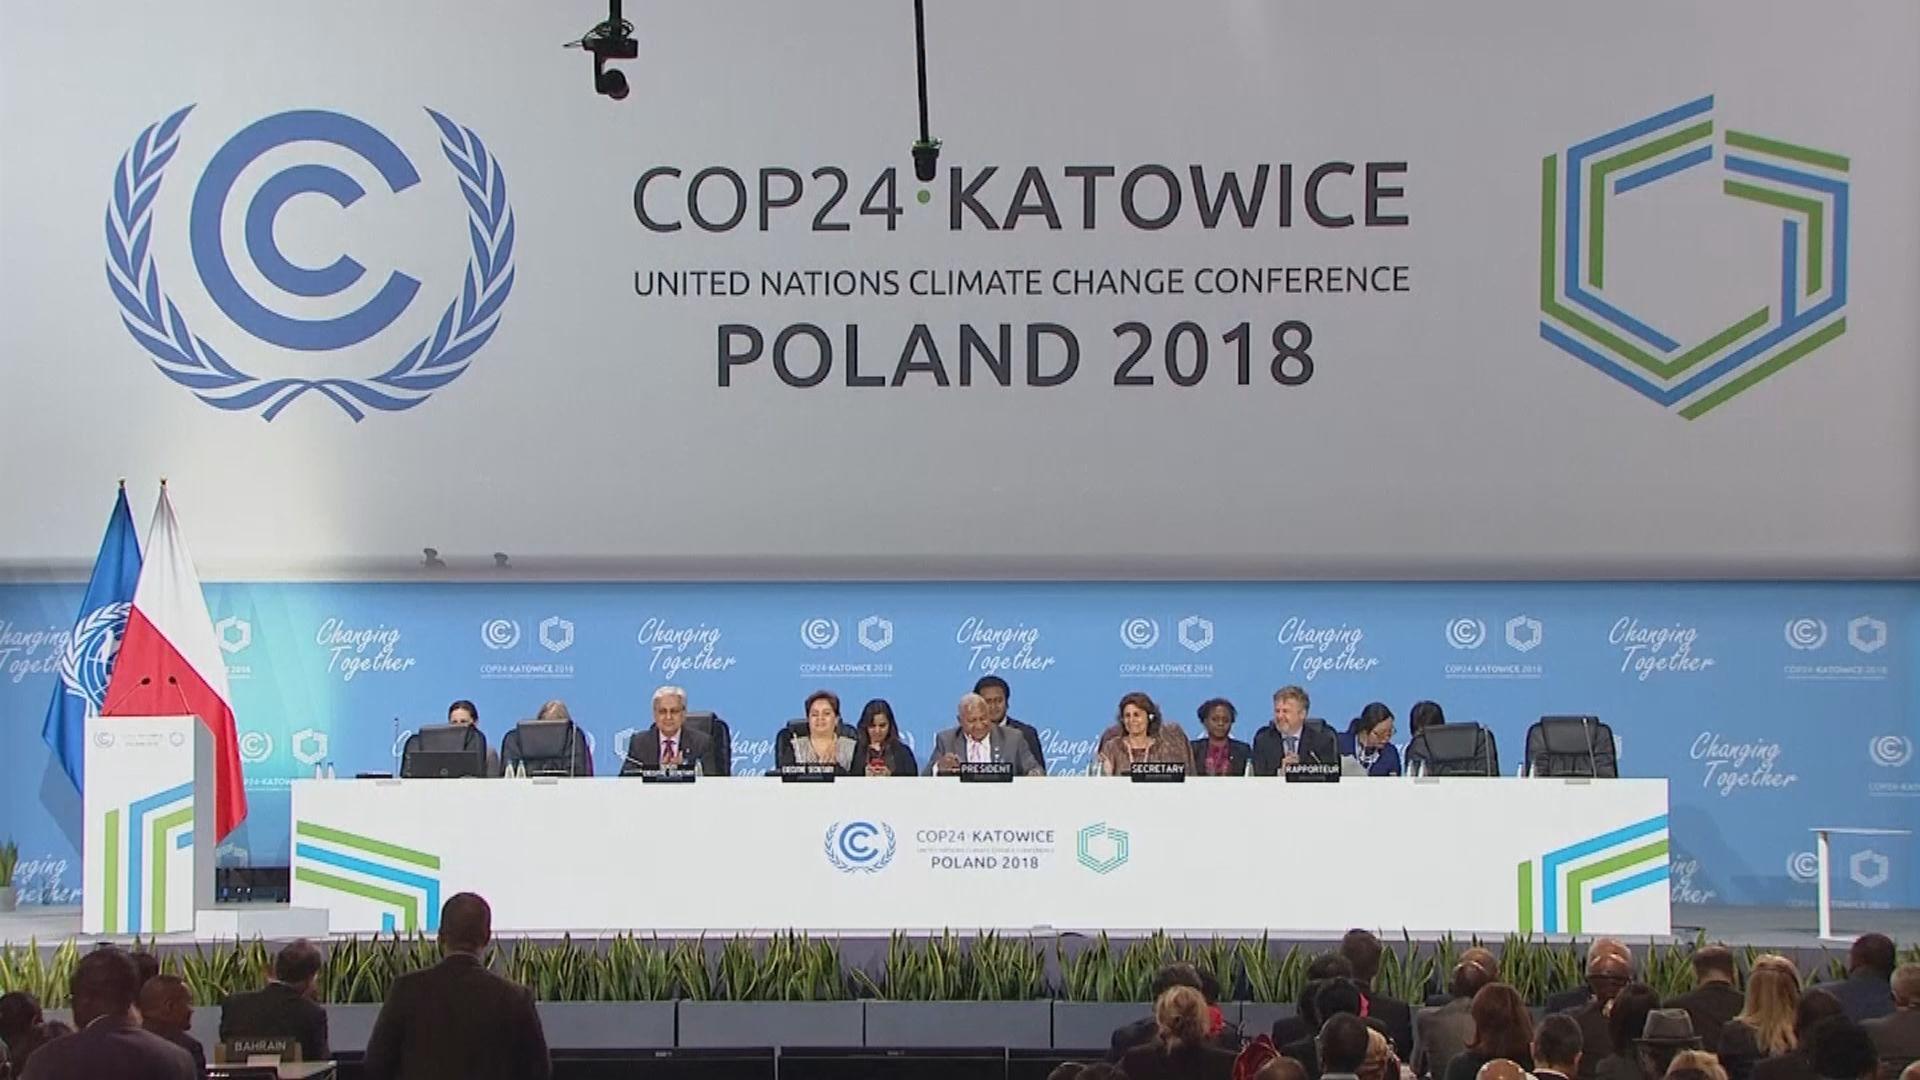 聯合國氣候變化會議於波蘭召開